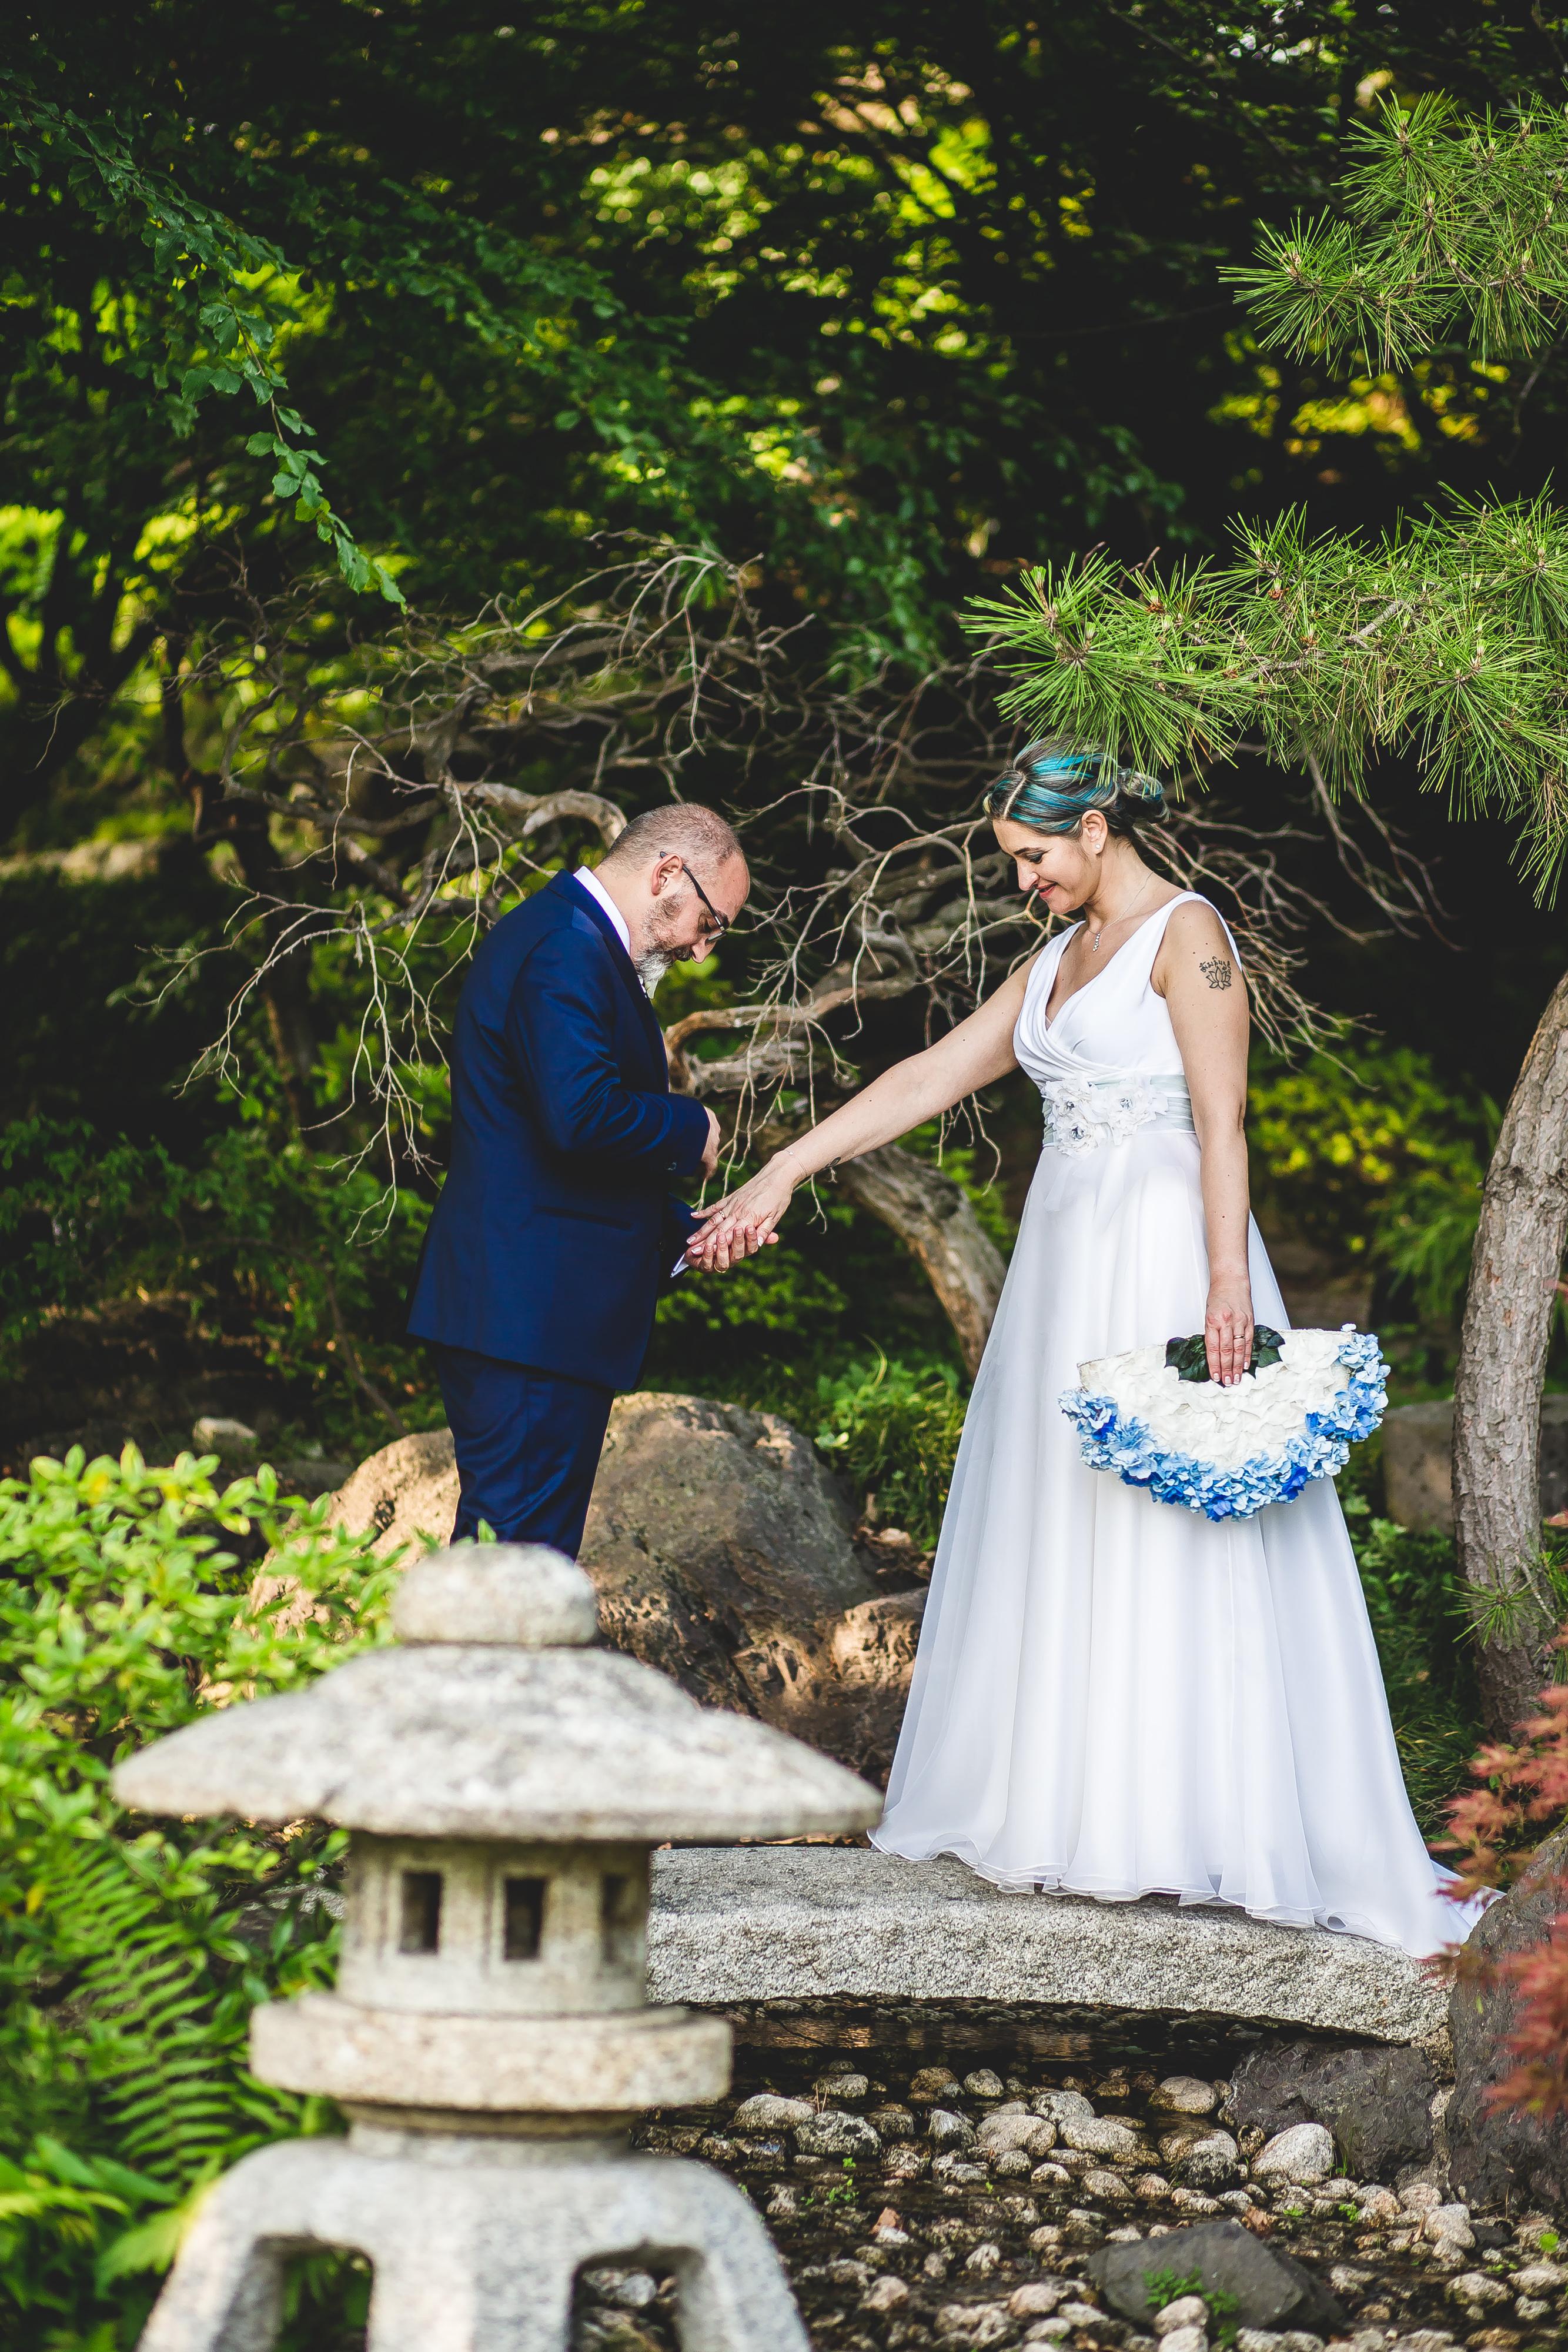 Un Matrimonio particolare a tema Giappone